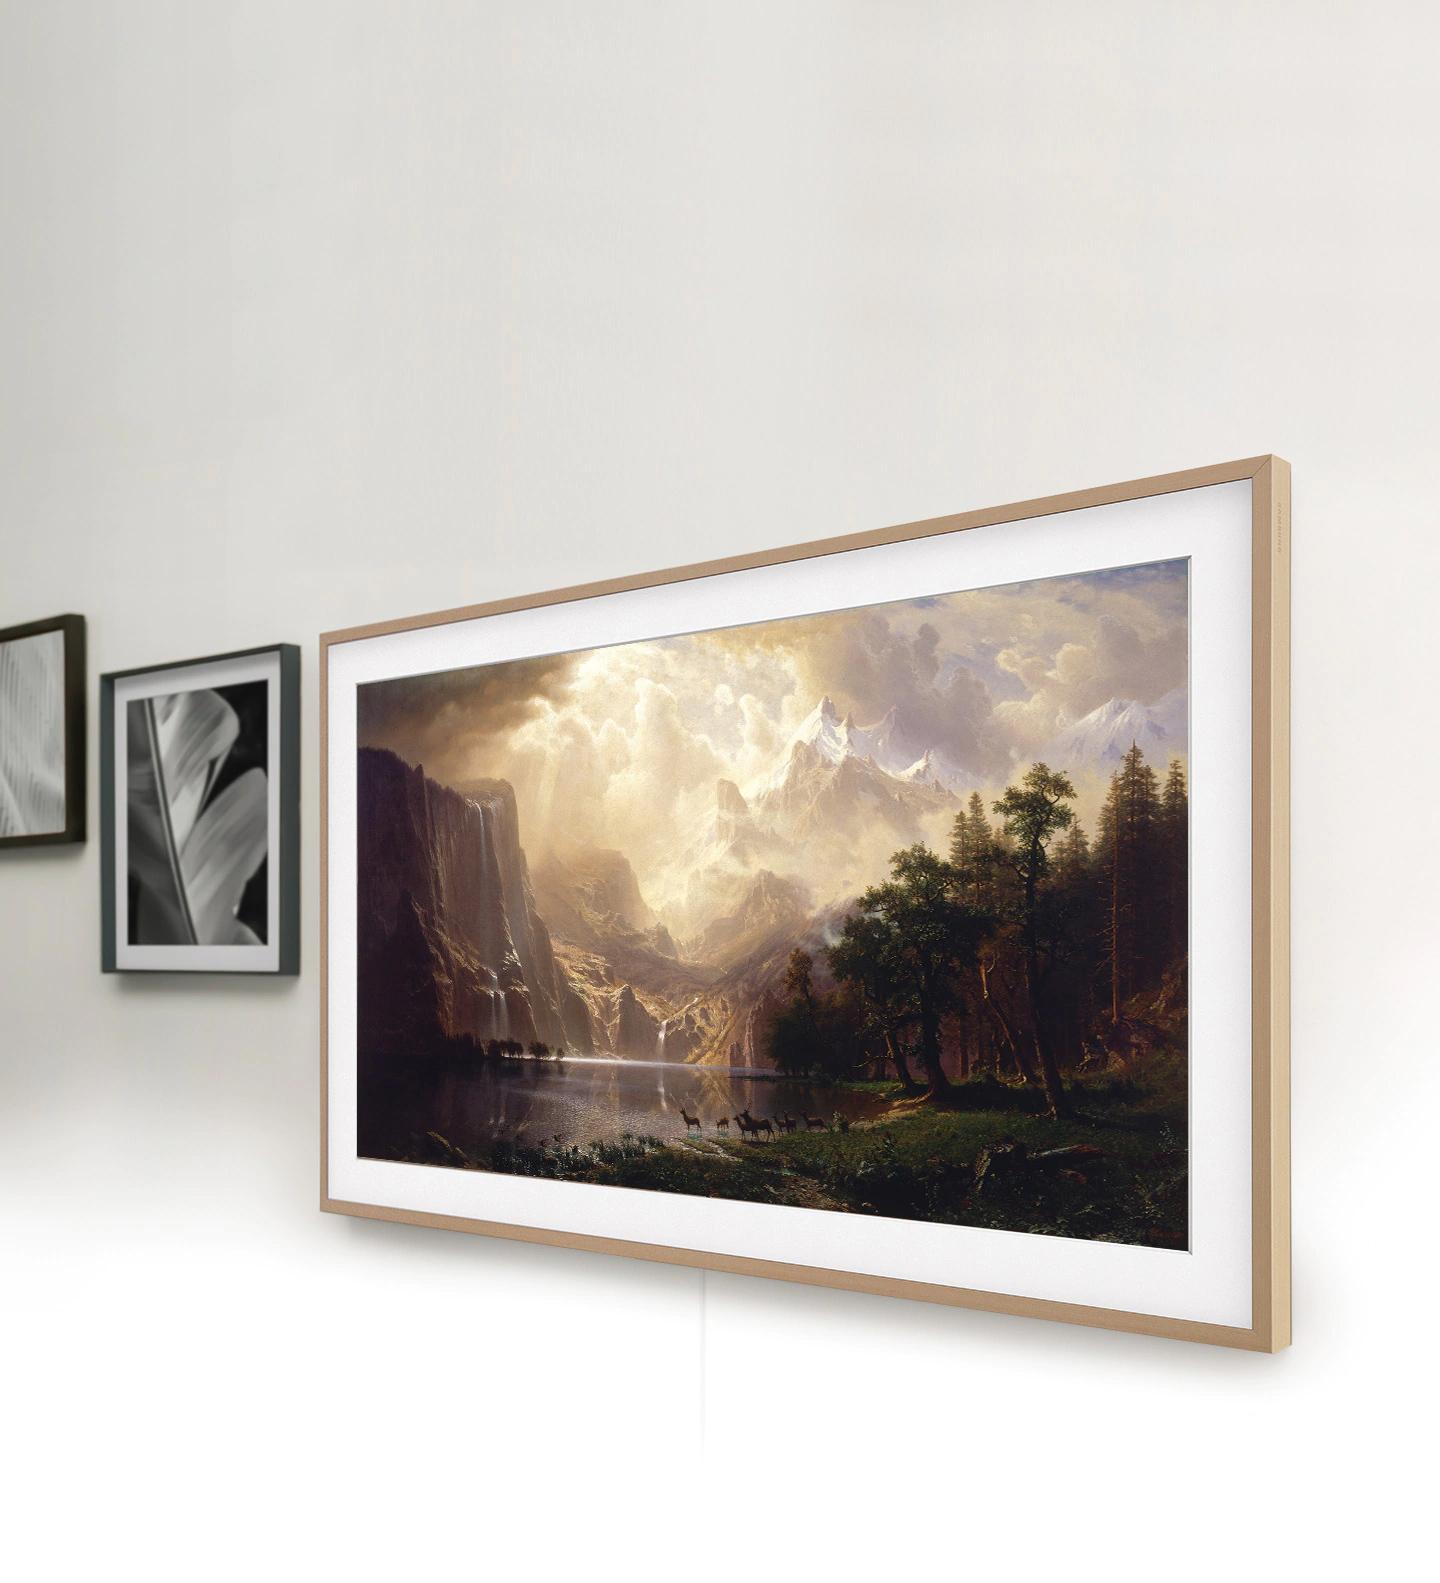 Samsung Frame Frame Look Design Desktop